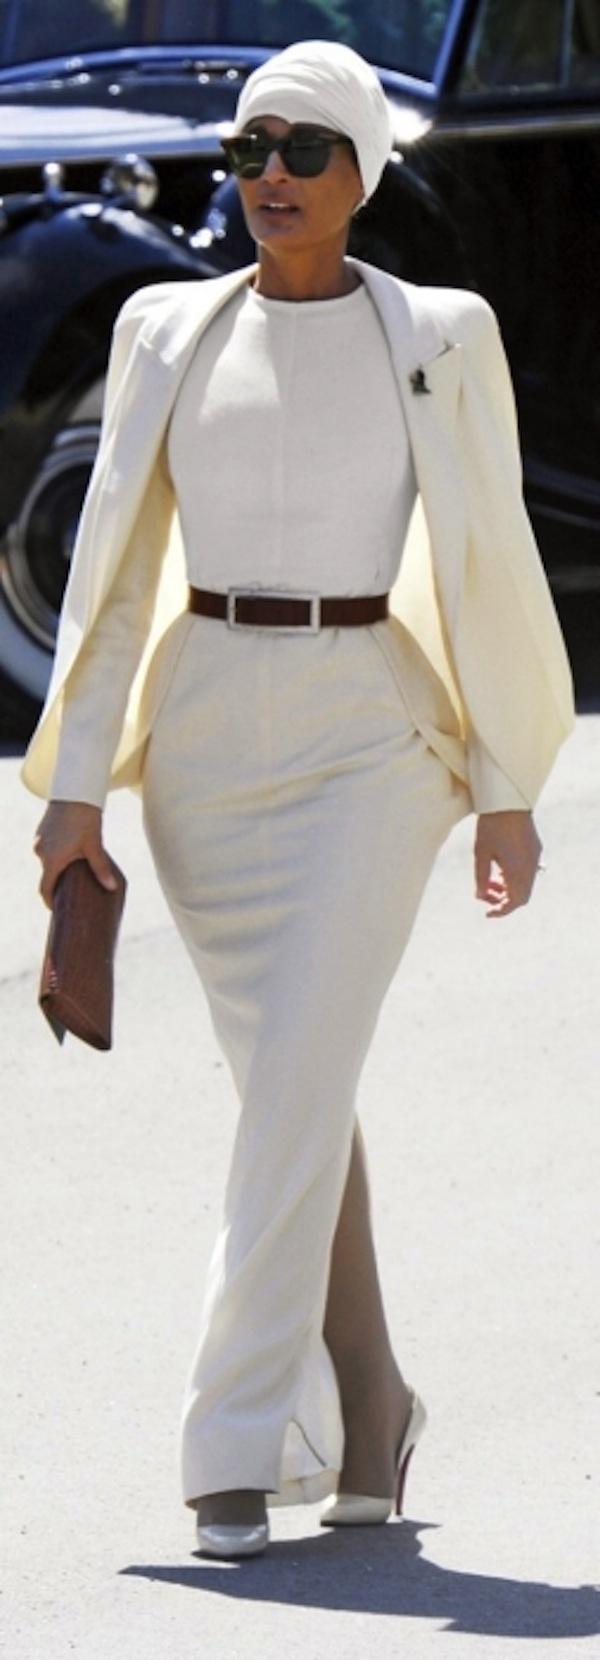 Vanity Fair escolhe os mais bem vestidos de 2011 | ModismoNet - Doses diárias de estilo